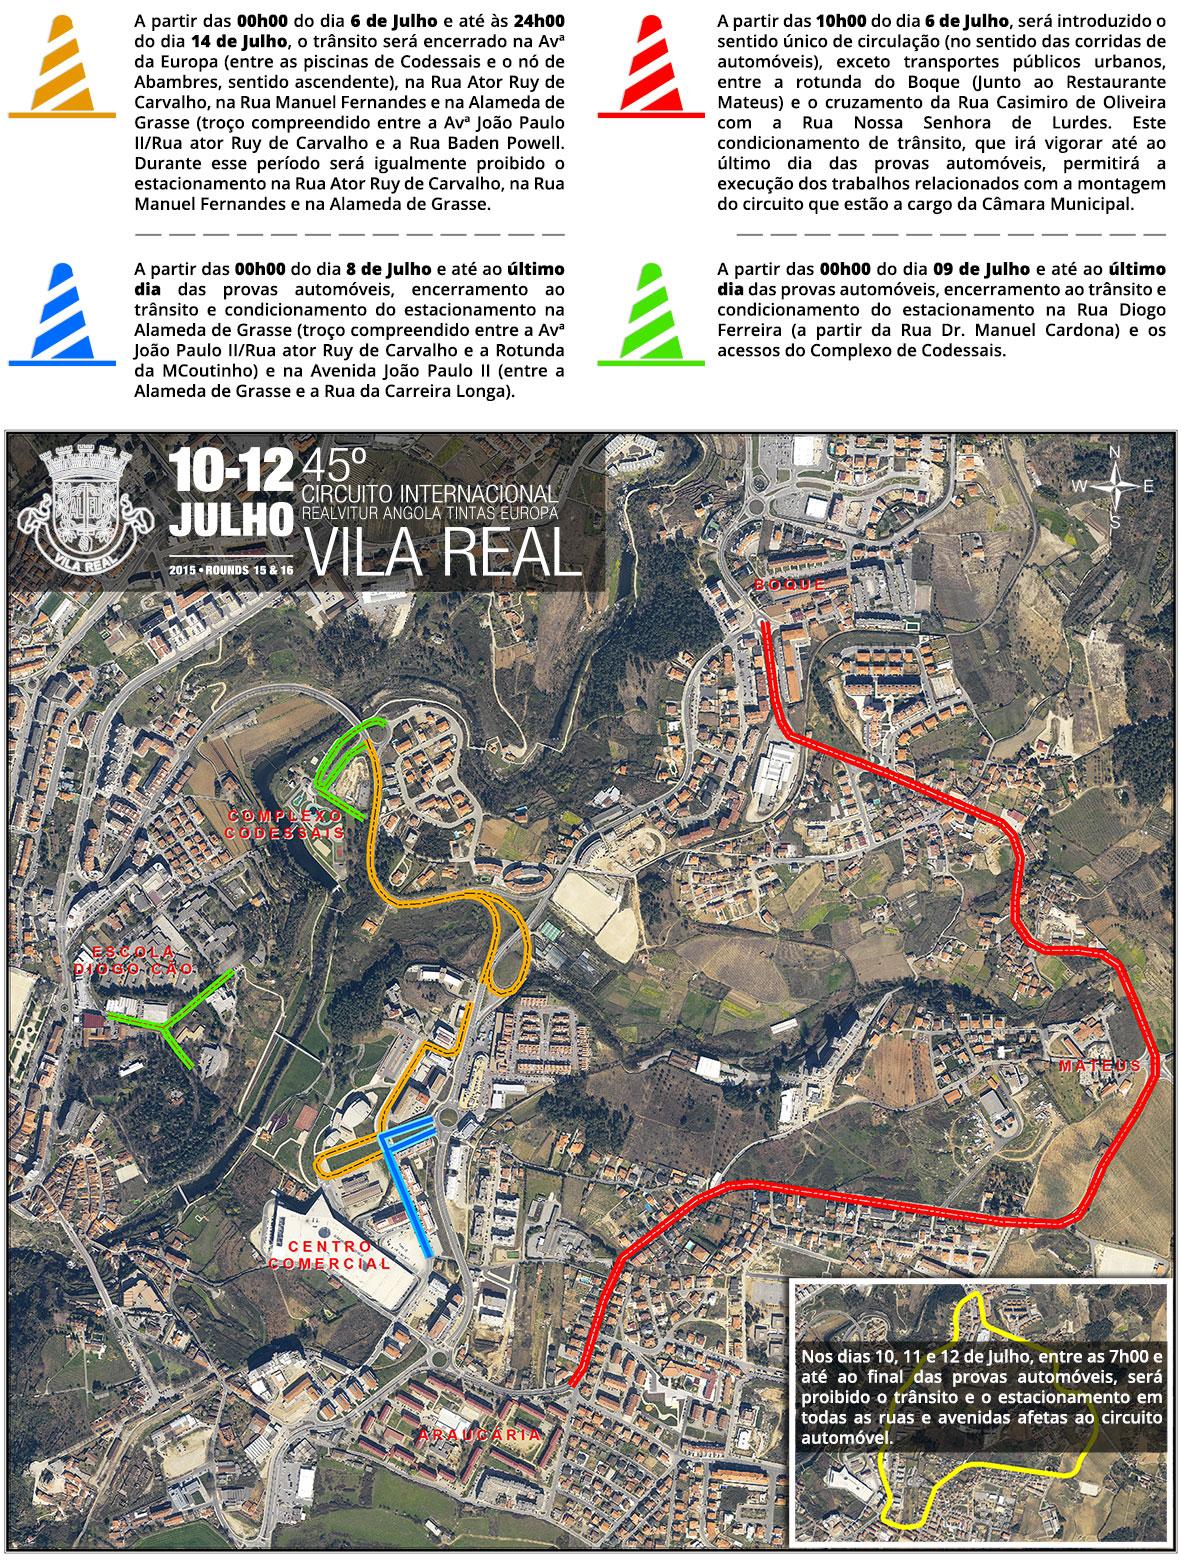 Circuito Vila Real : Vivadouro condicionamentos no tr nsito devido ao circuito